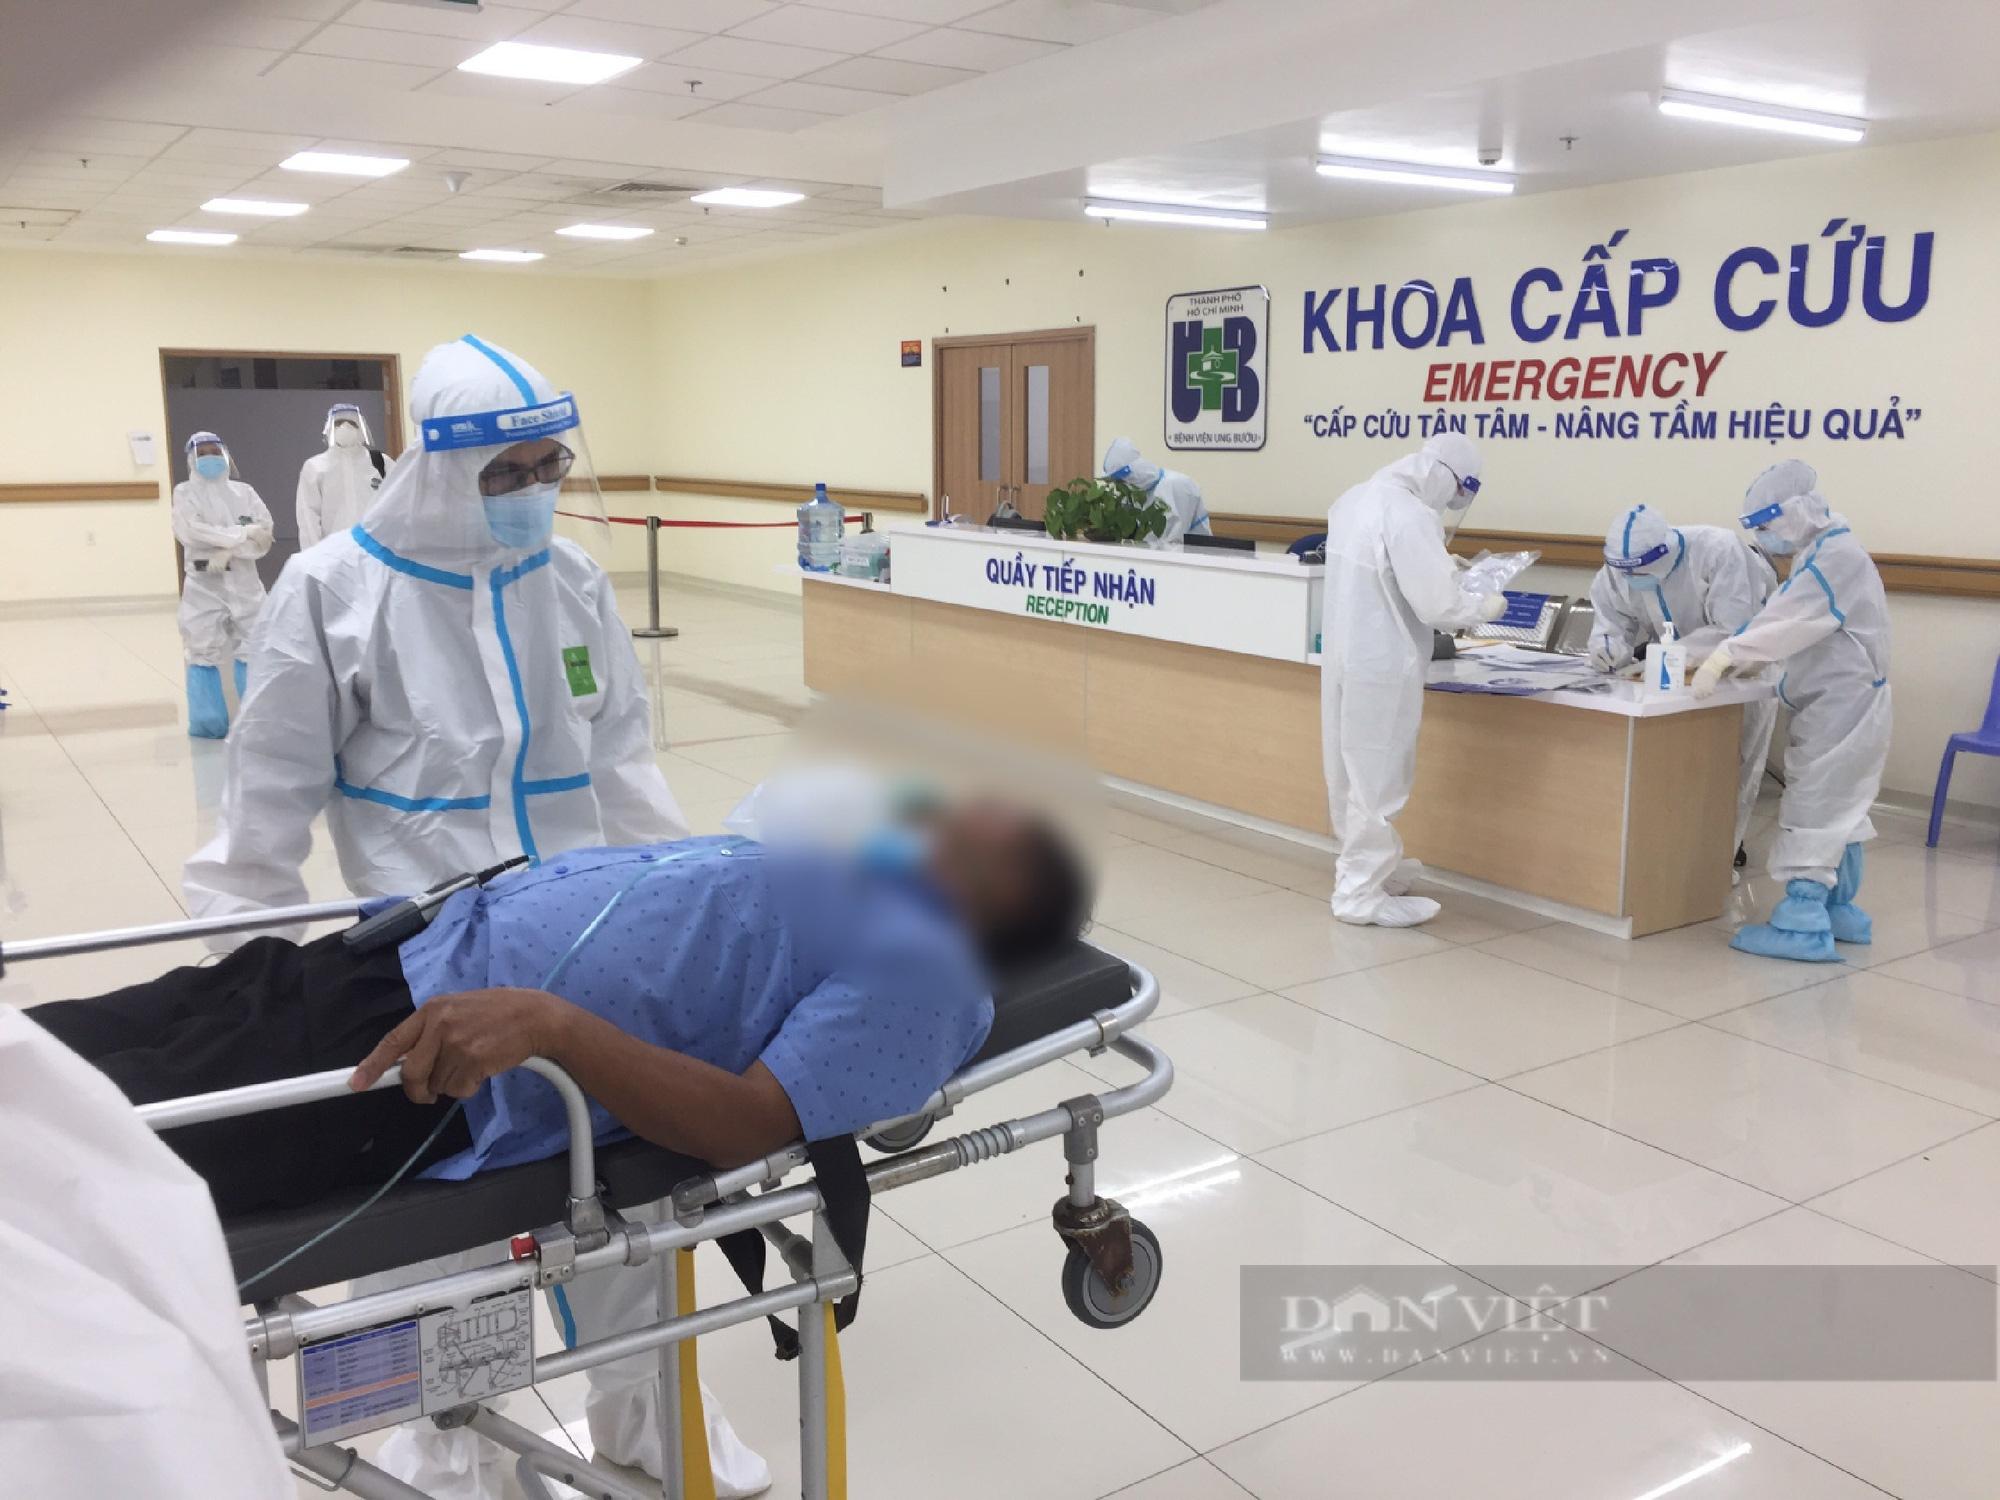 Bệnh viện hồi sức Covid: Ngẹt thở với những phút giây dành giật sự sống cho bệnh nhân - Ảnh 2.